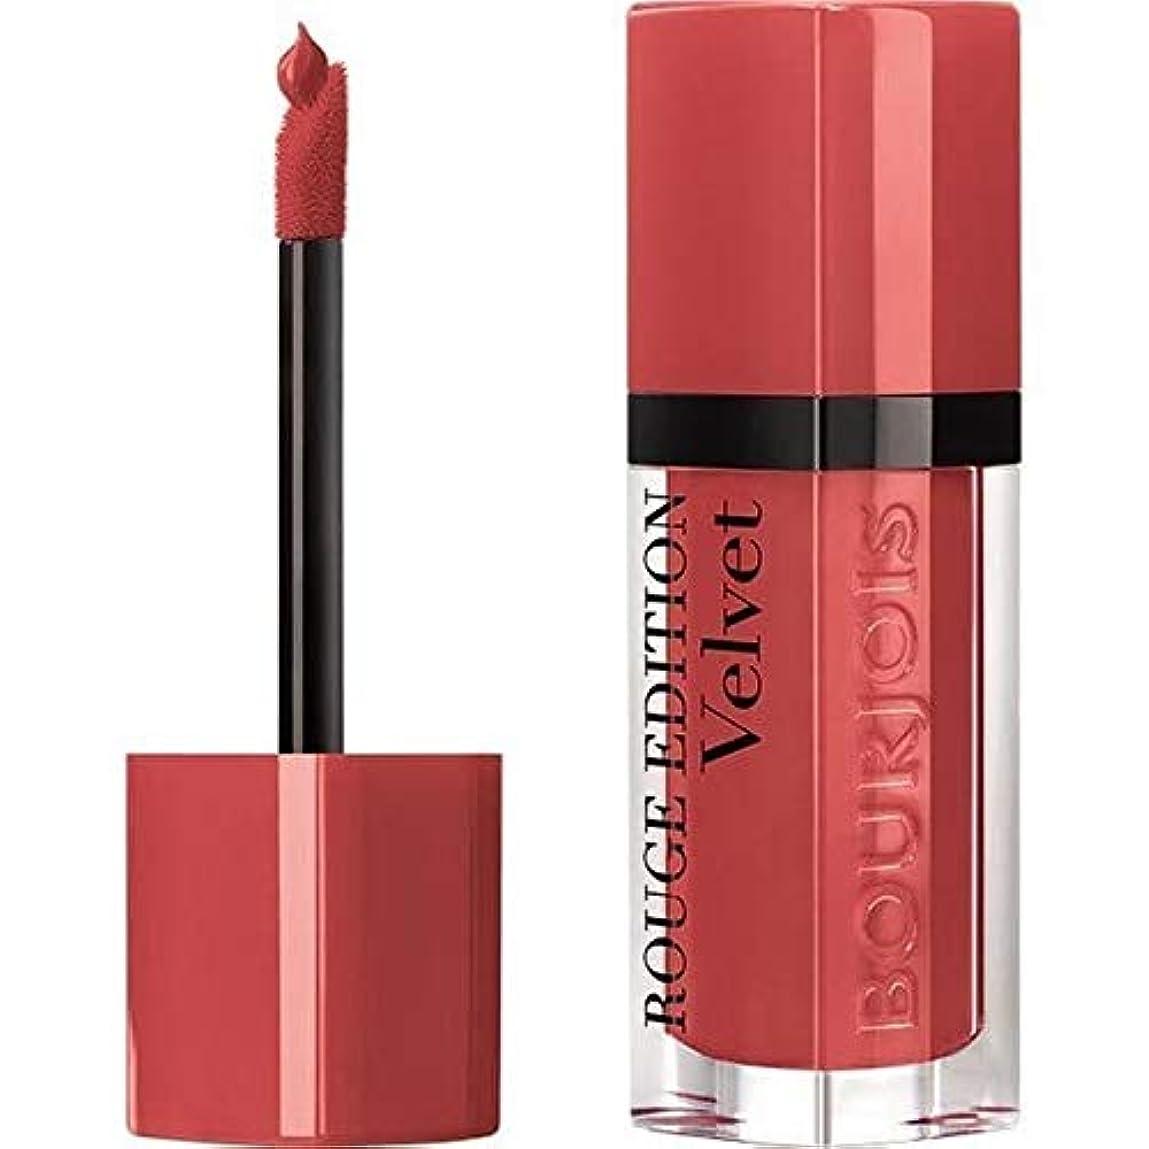 割合ブラウズ電極[Bourjois ] ブルジョワルージュ版ベルベットの口紅の桃クラブ4 - Bourjois Rouge Edition Velvet lipstick Peach Club 4 [並行輸入品]